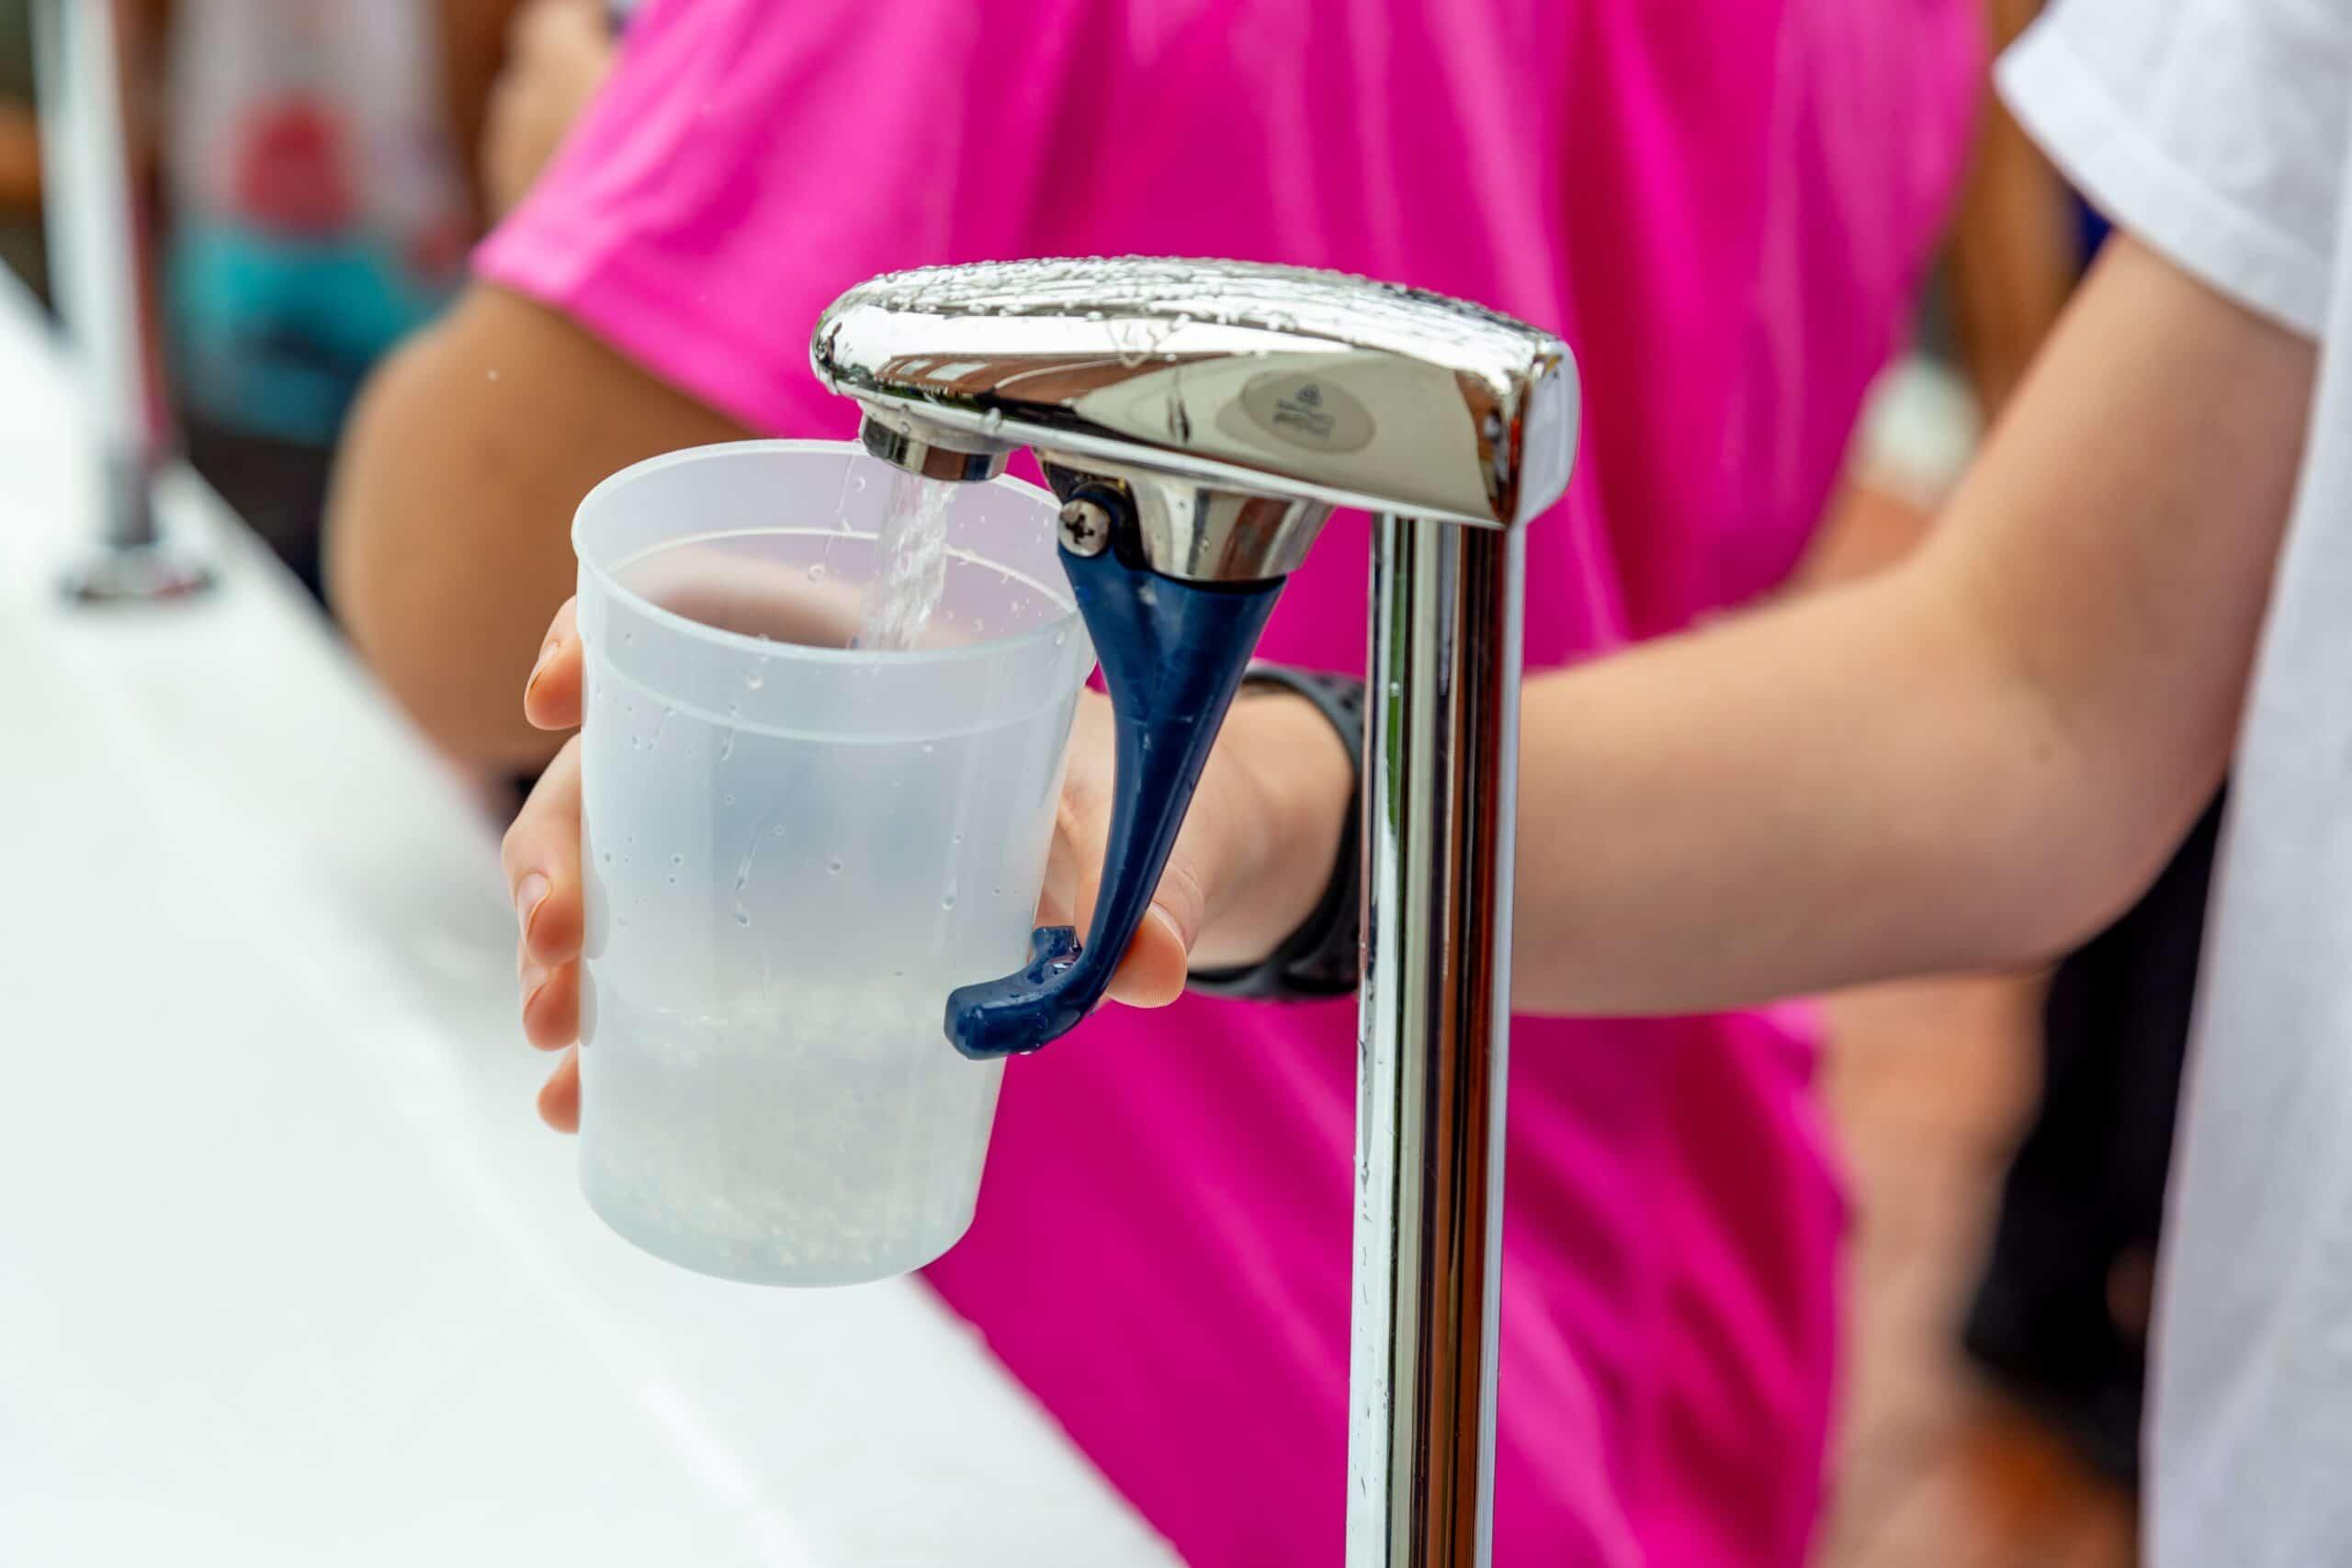 Comment filtrer l'eau du robinet